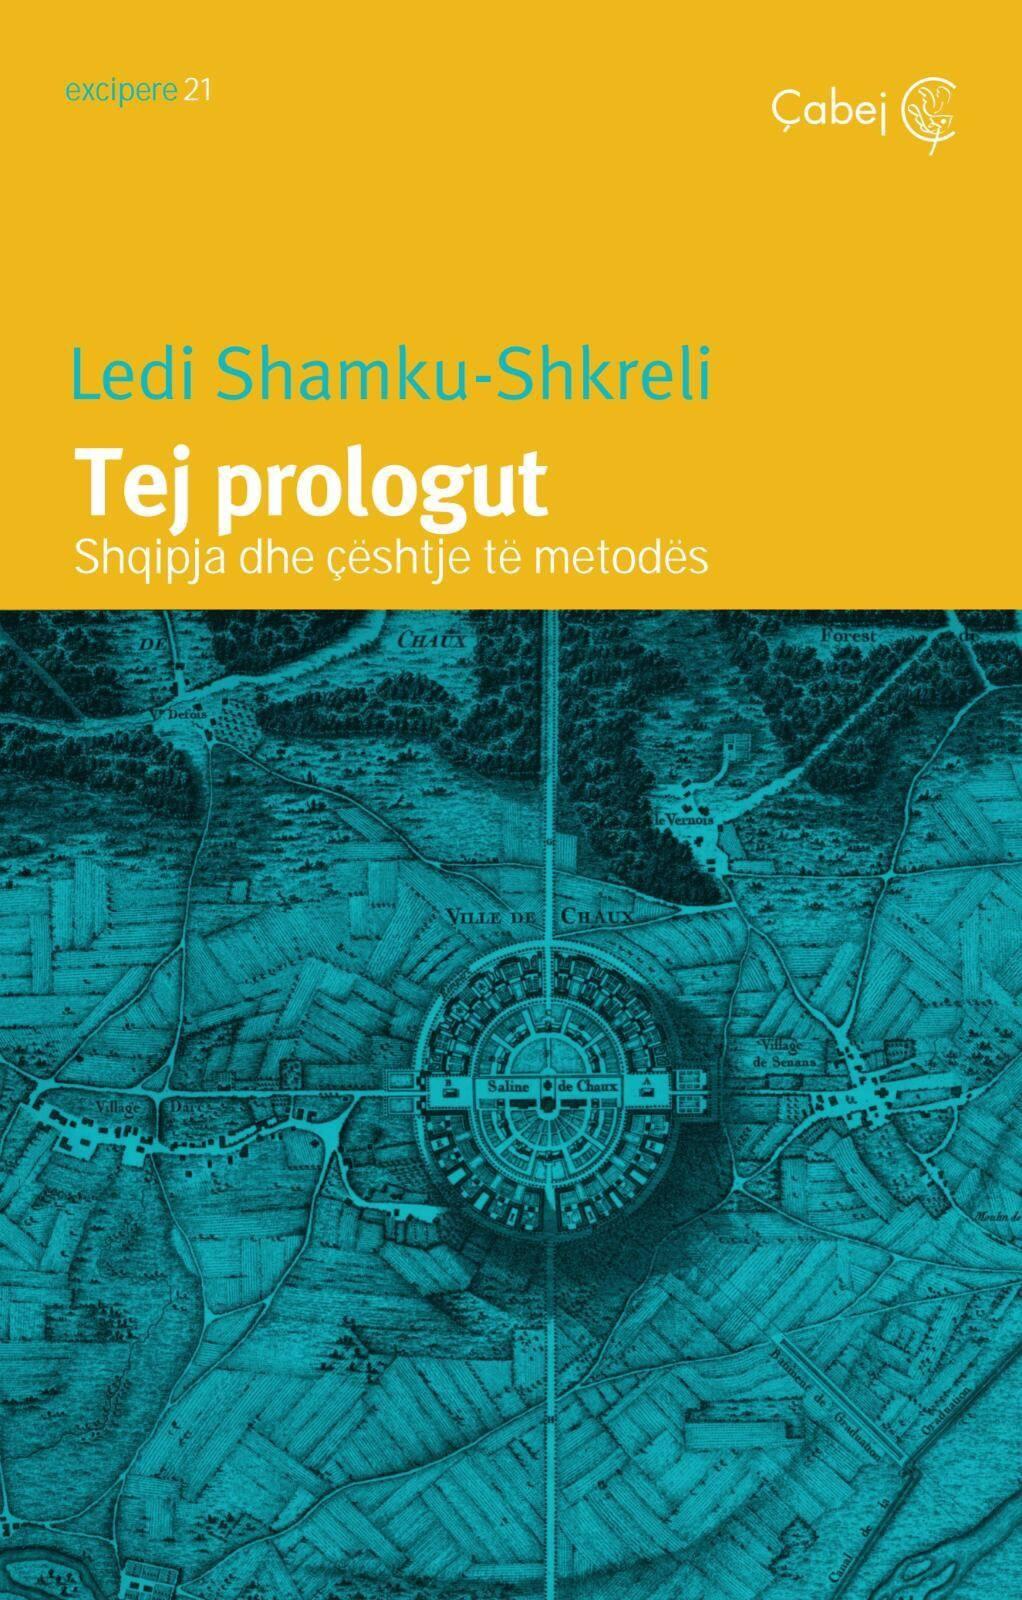 Tej Prologut - Shqipja dhe çështje të metodës